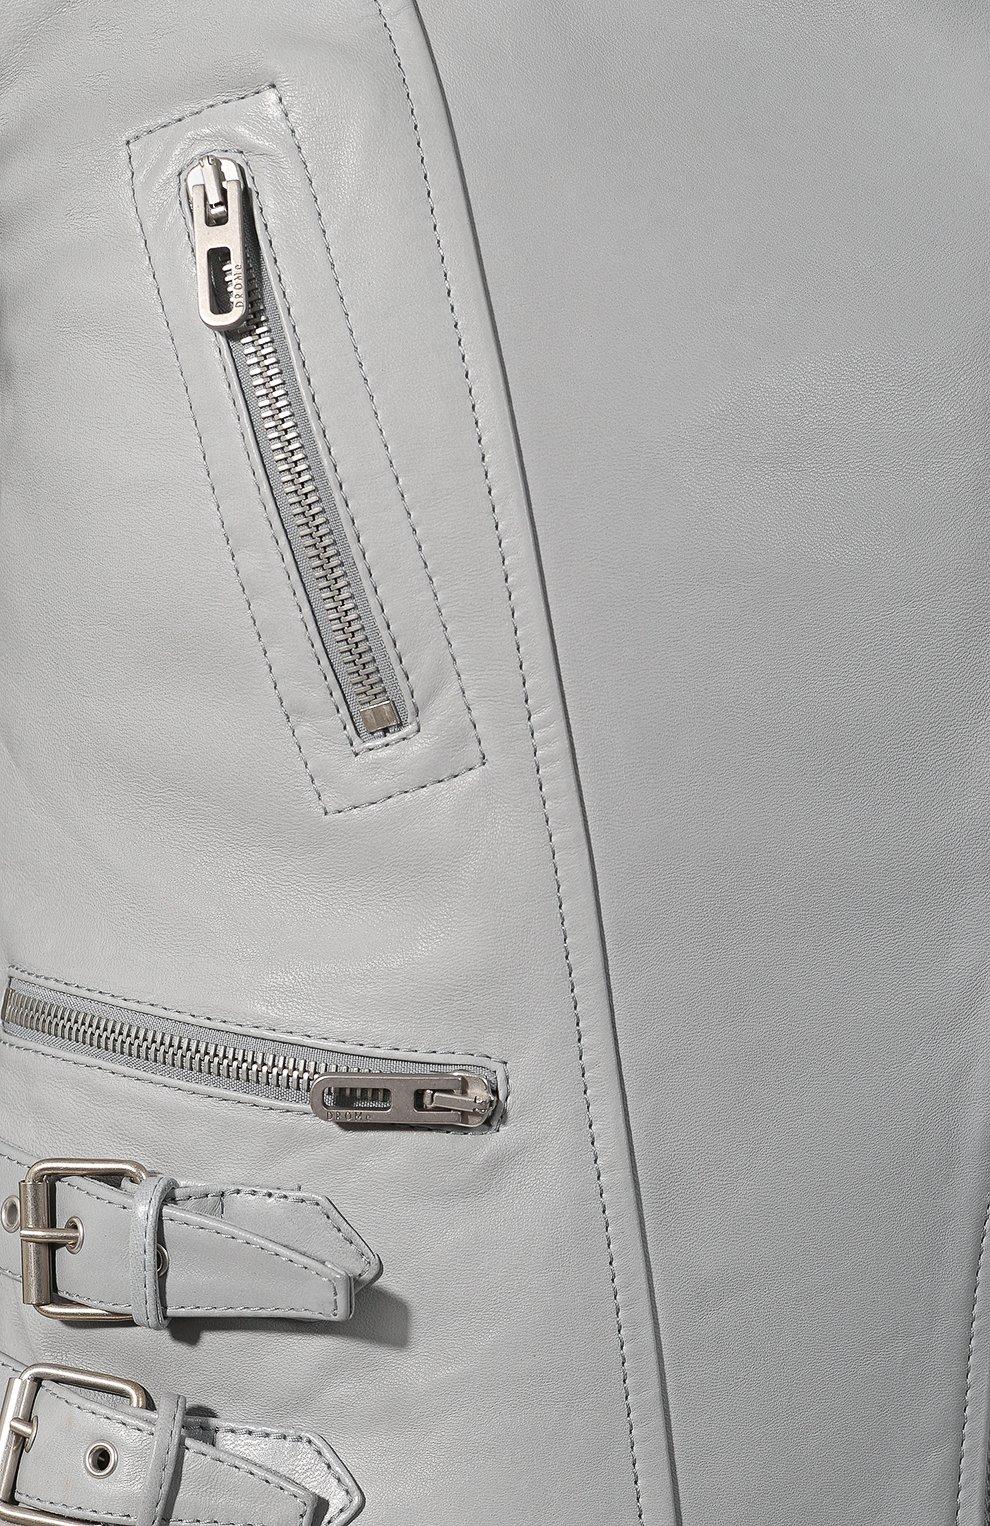 Женская кожаная куртка DROME серого цвета, арт. DPD3014/D1098   Фото 5 (Кросс-КТ: Куртка; Рукава: Длинные; Материал внешний: Кожа; Женское Кросс-КТ: Замша и кожа; Длина (верхняя одежда): Короткие; Материал подклада: Вискоза)